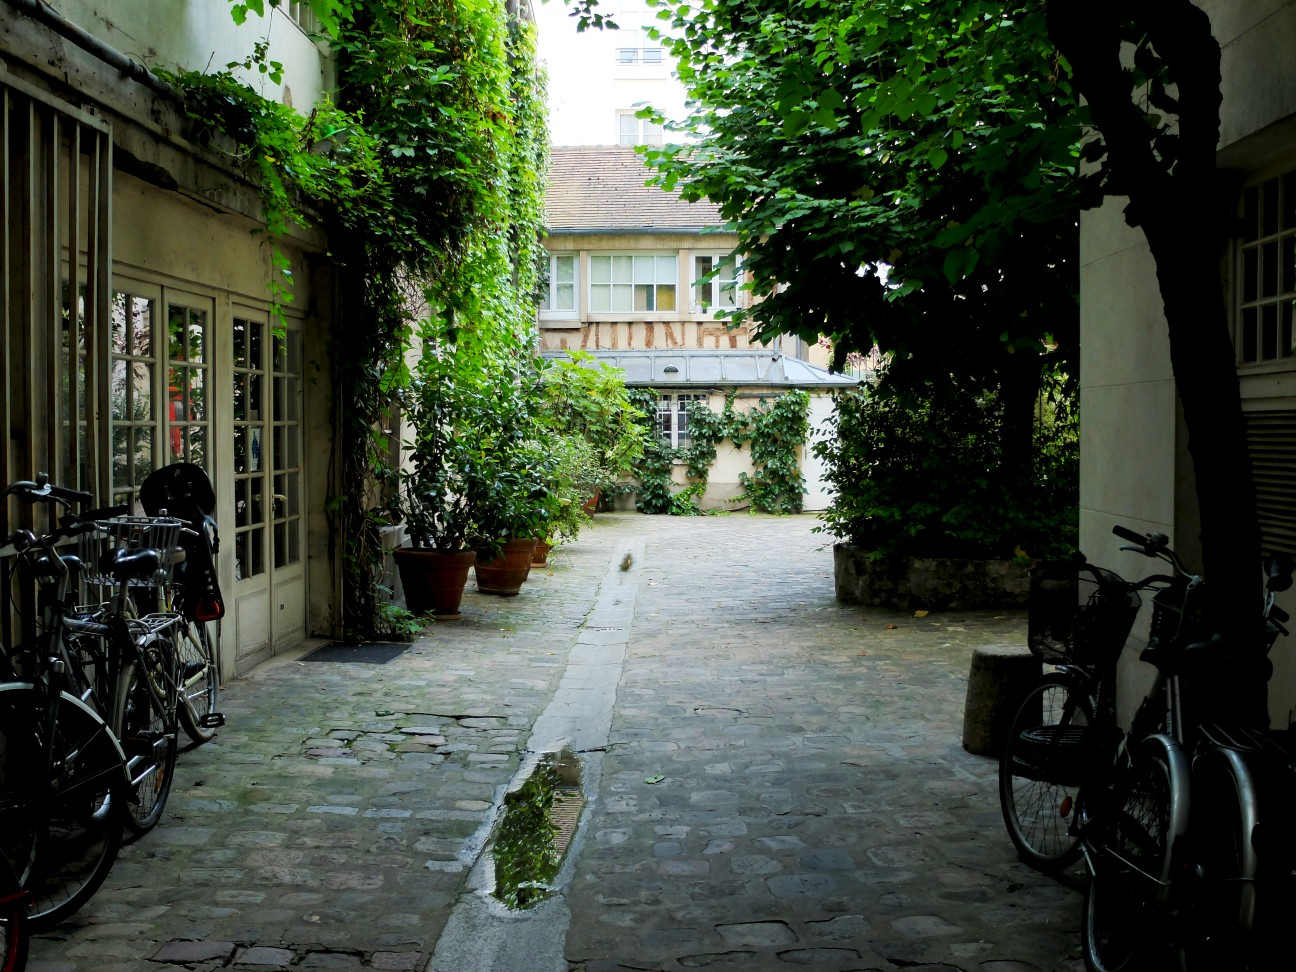 Balade dans le Marais - Rue de Jarente - Cour intérieure